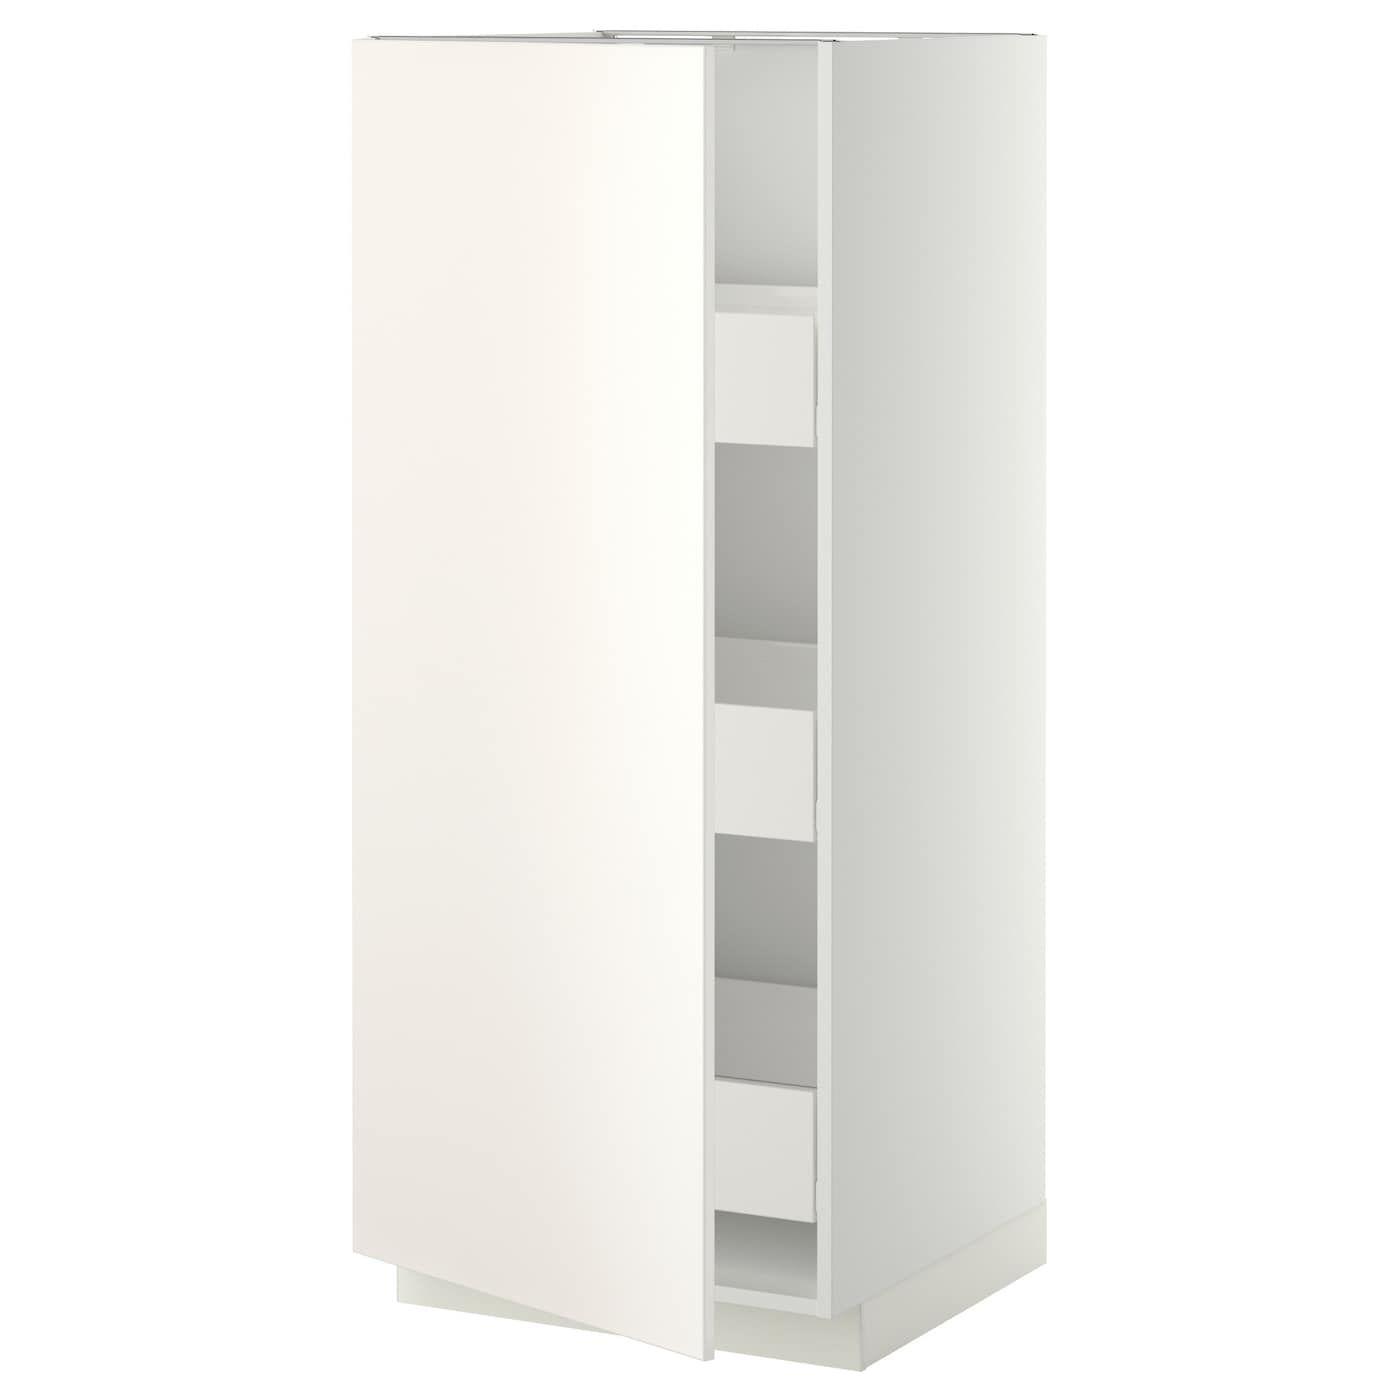 Pin Von Dr Auf Svet Ikea Wohnzimmer Licht Und Architektur